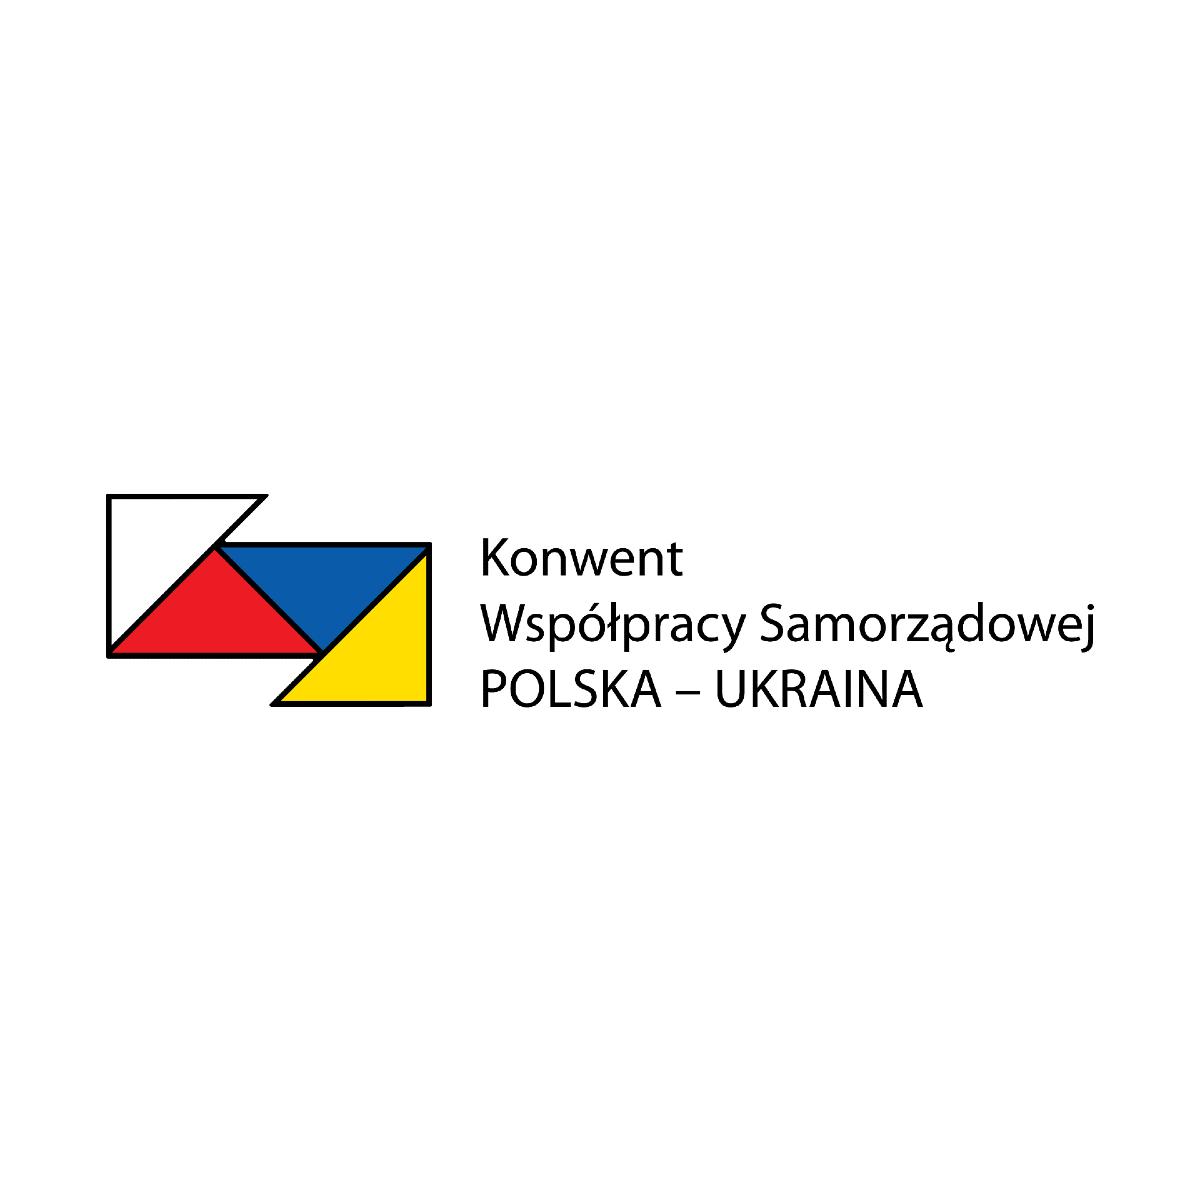 Konwent Współpracy Samorządowej Polska - Ukraina